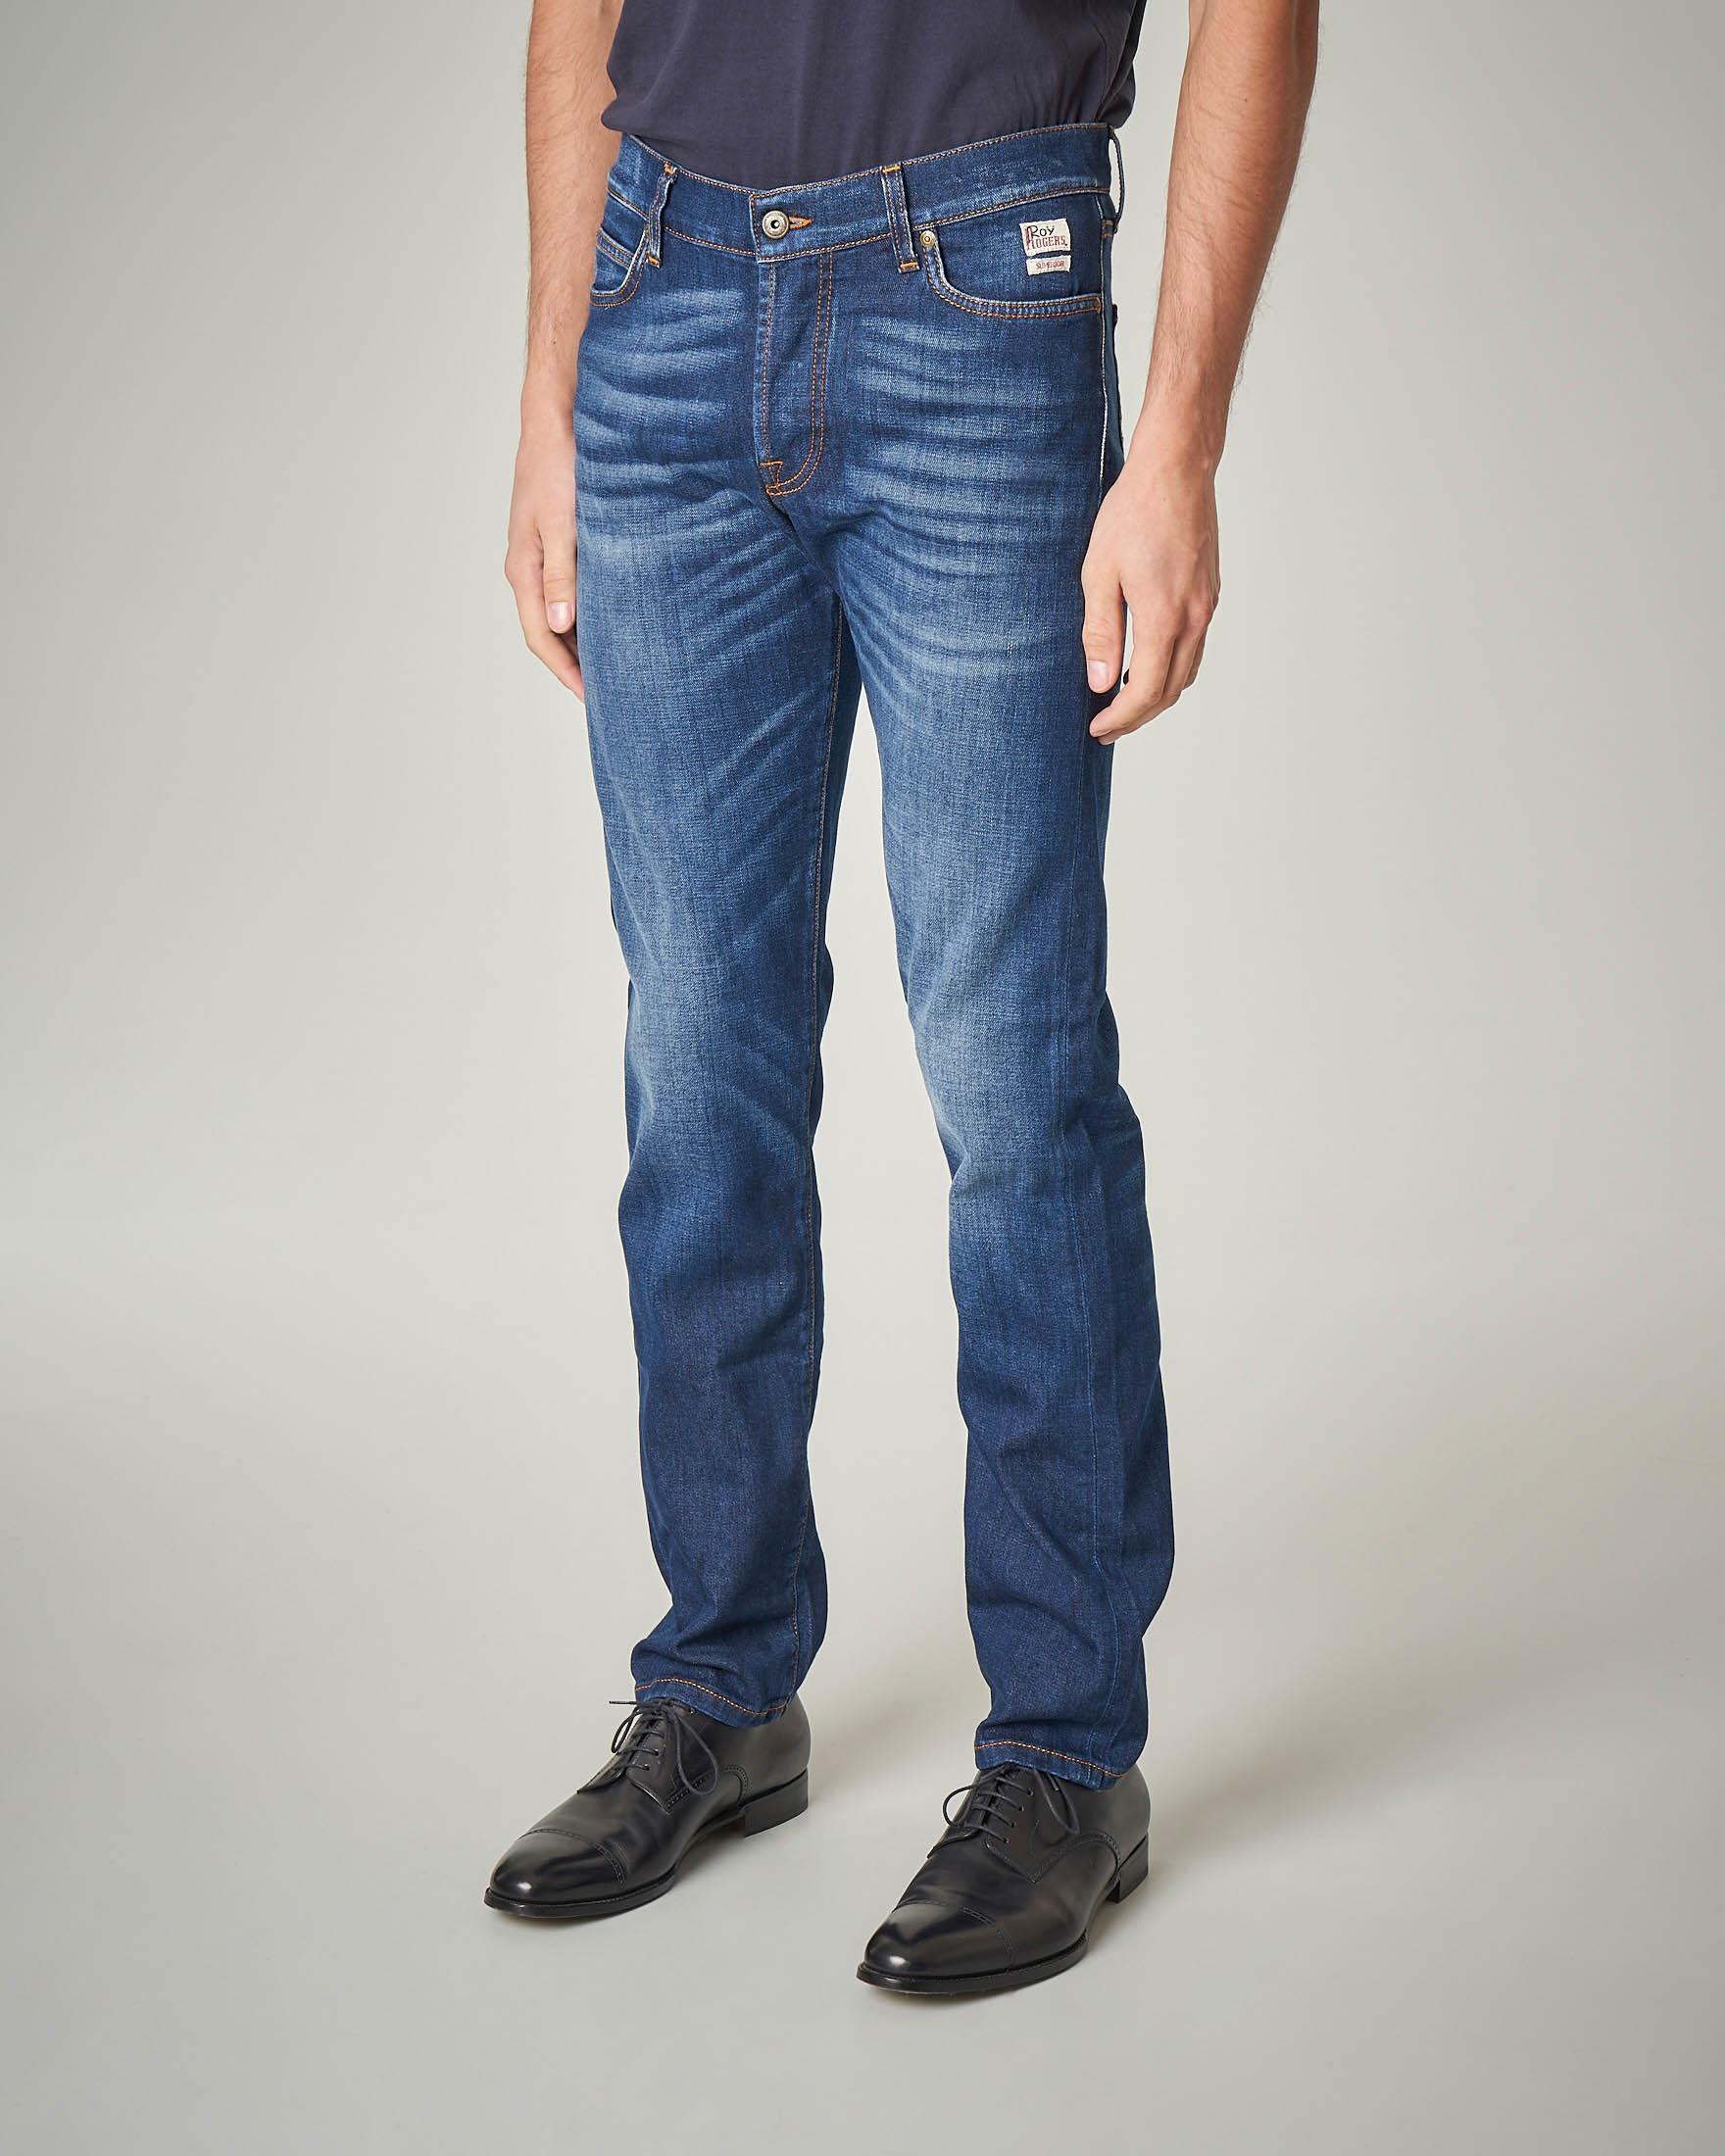 Jeans lavaggio medio con baffature e vita alta